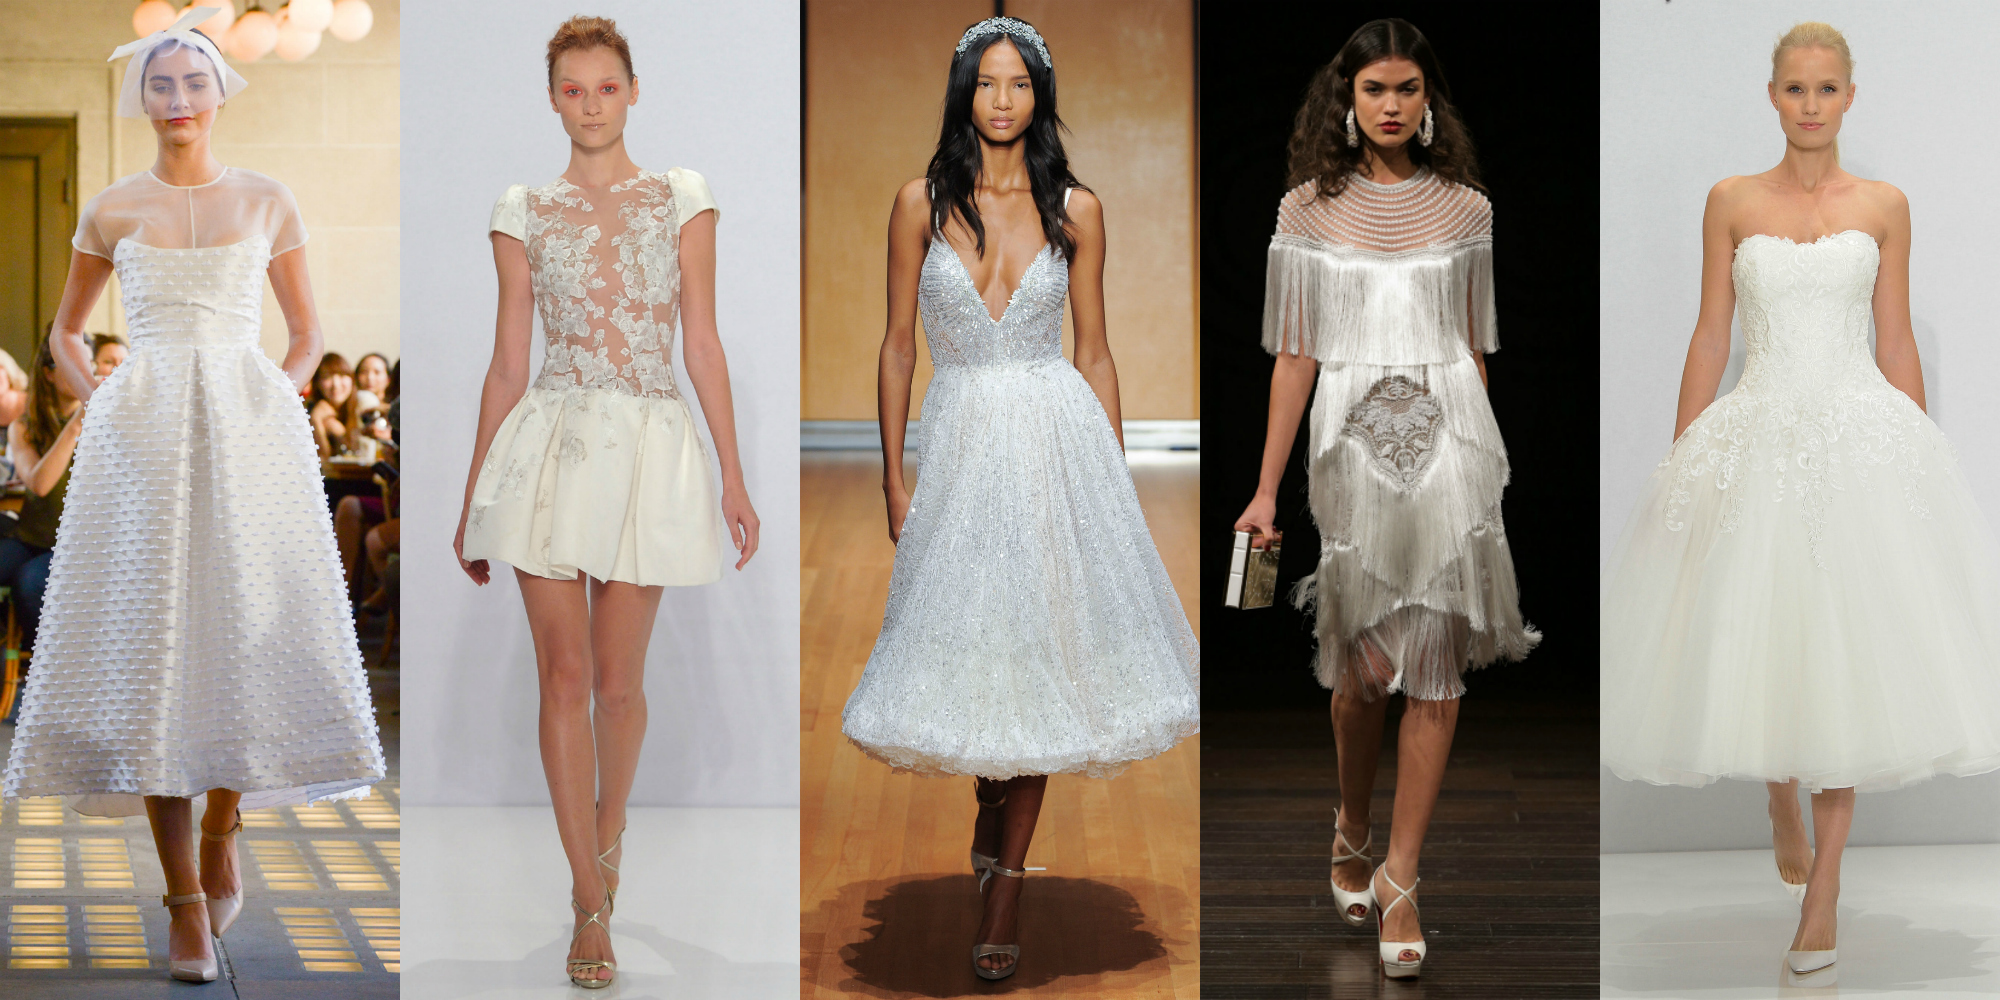 13 short wedding dresses for summer 13 designer short for Short spring wedding dresses